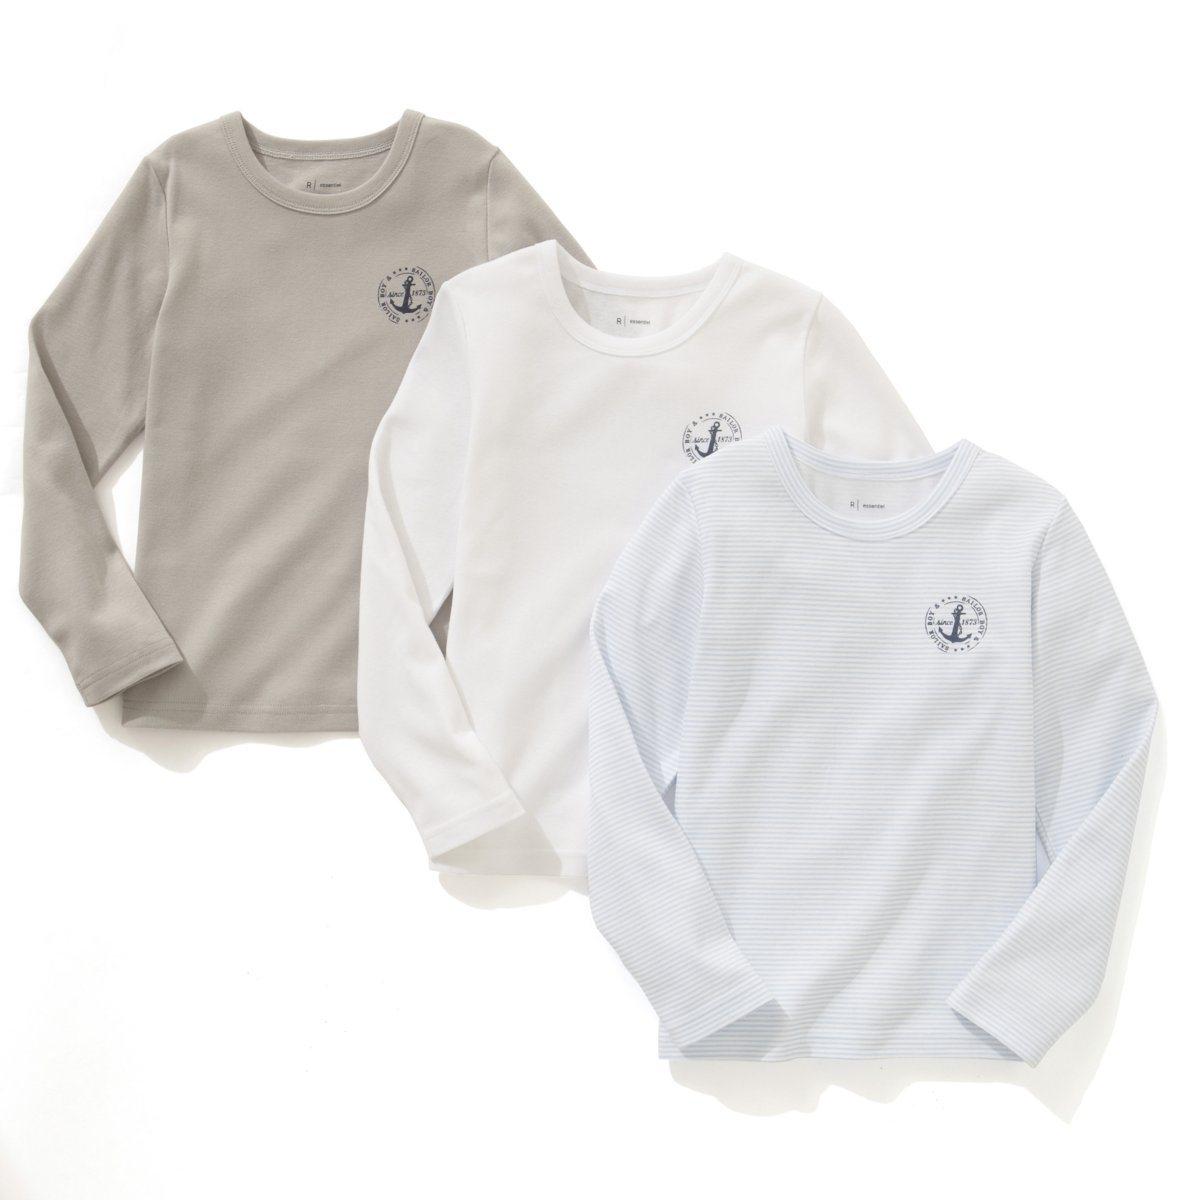 3 футболки1 в полоску + 2 однотонные. Принт на груди. В рубчик 1 х 1, 100% хлопка. Длинные рукава.<br><br>Цвет: белый + серый + в синюю полоску<br>Размер: 10/12 лет - 138/150 см.4/5 лет - 102/108 см